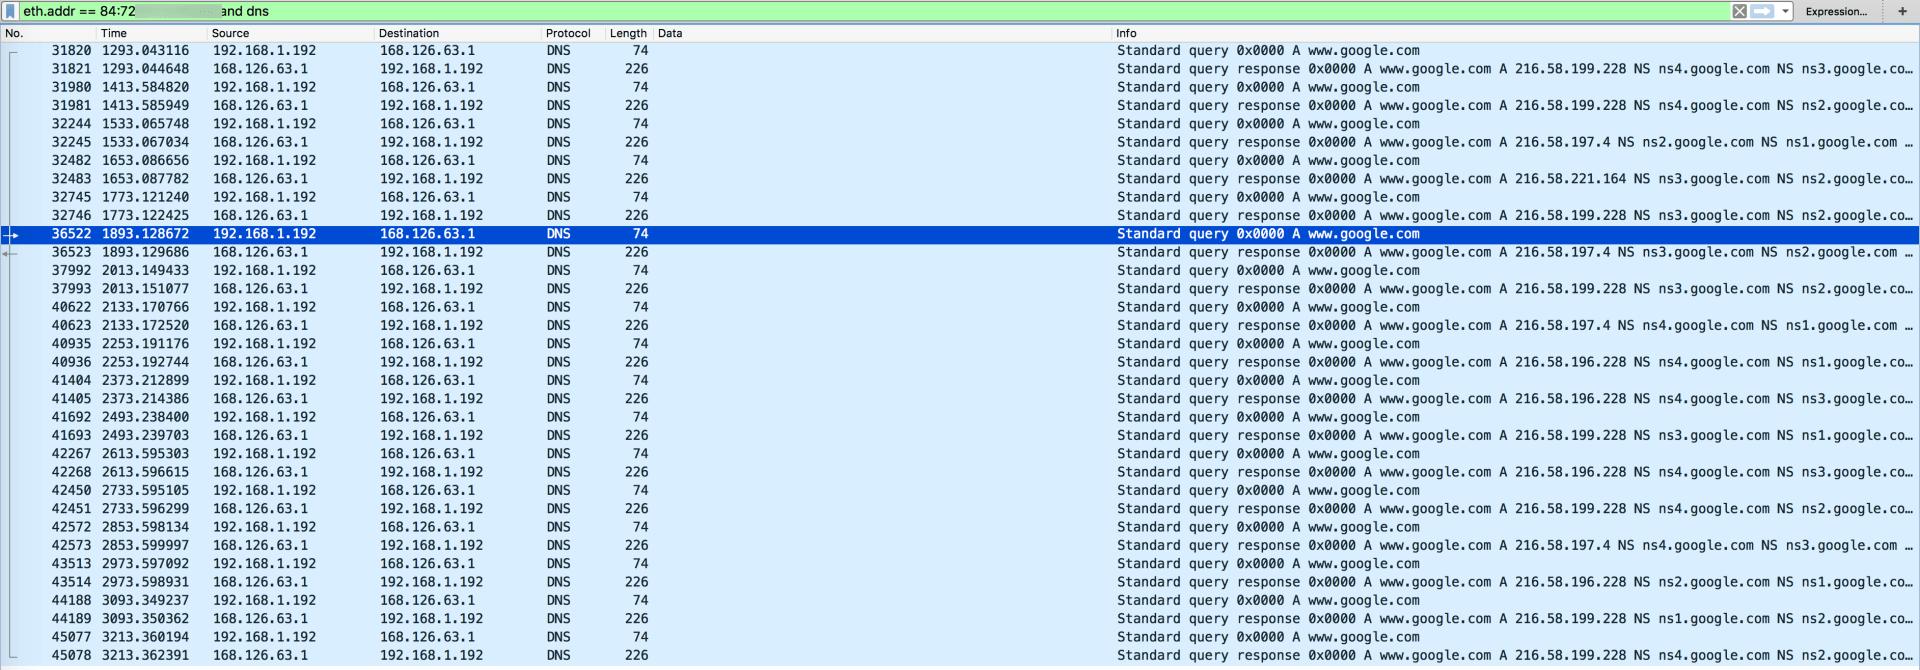 인터넷 상태 확인을 위한 DNS Query